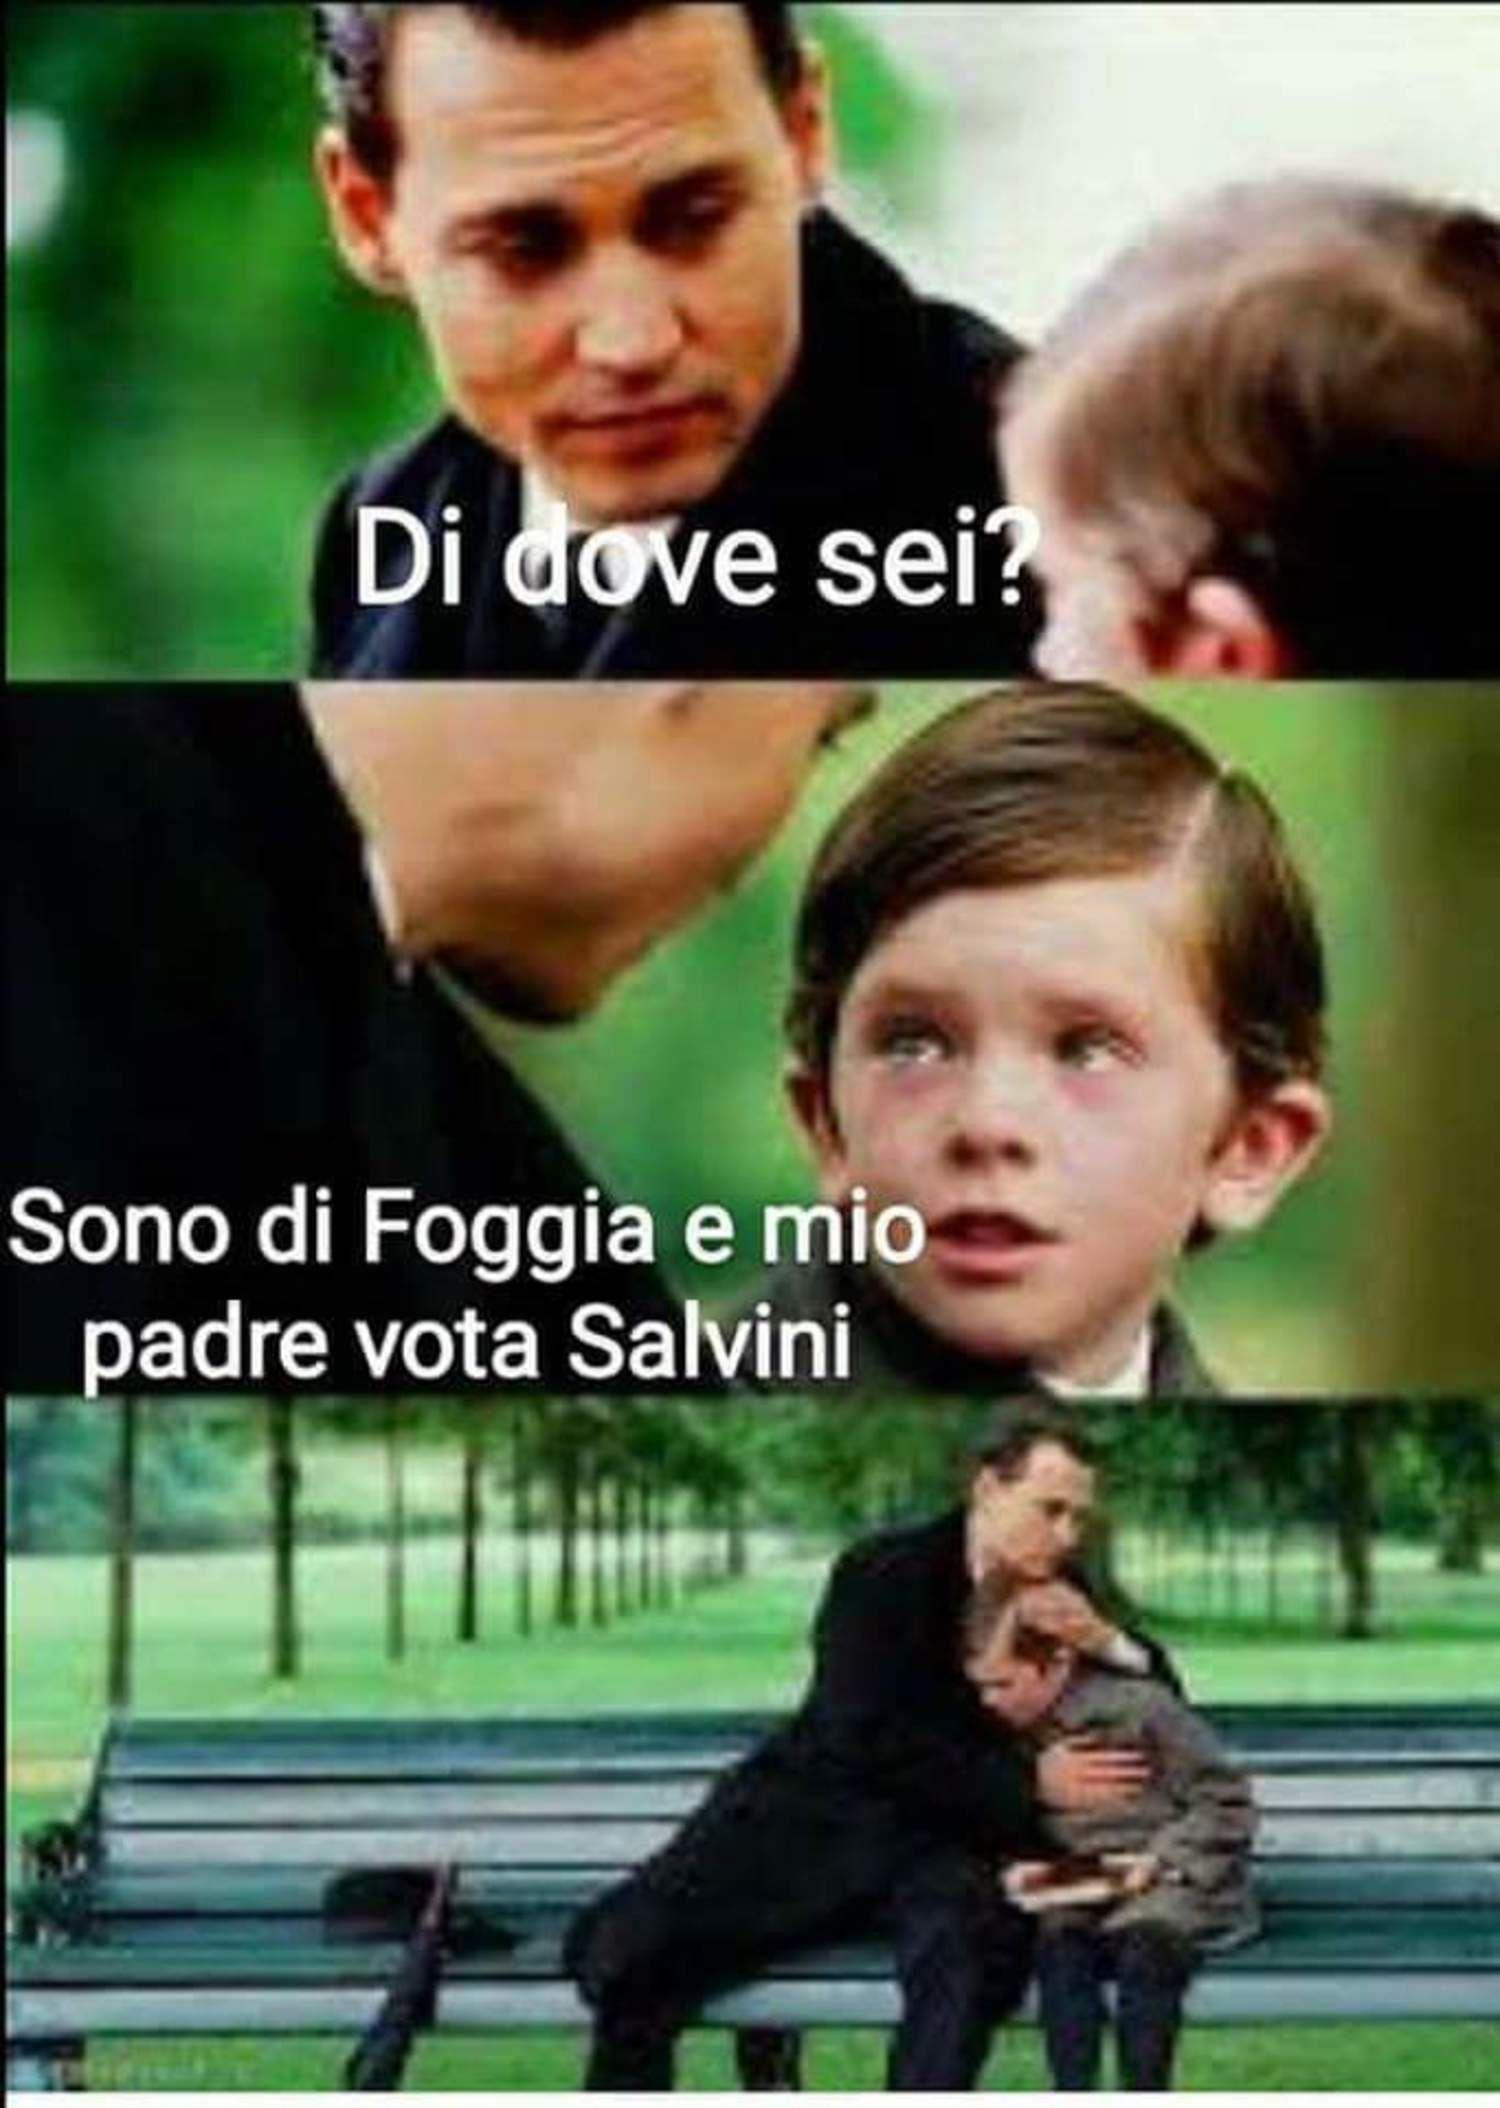 Trash Italiano Battute Meme E Immagini Che Fanno Ridere Post